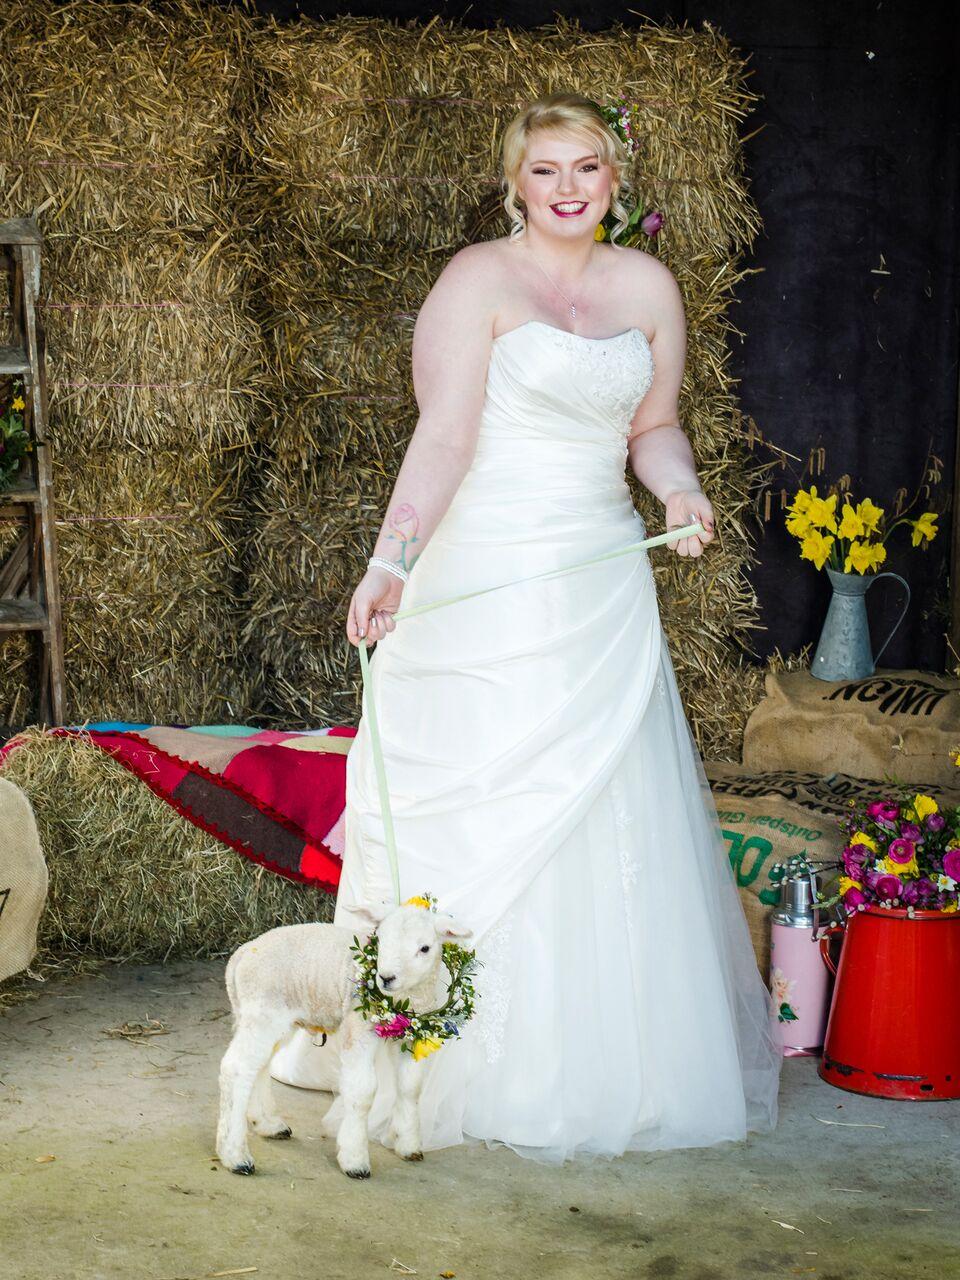 spring bride and lamb.jpeg